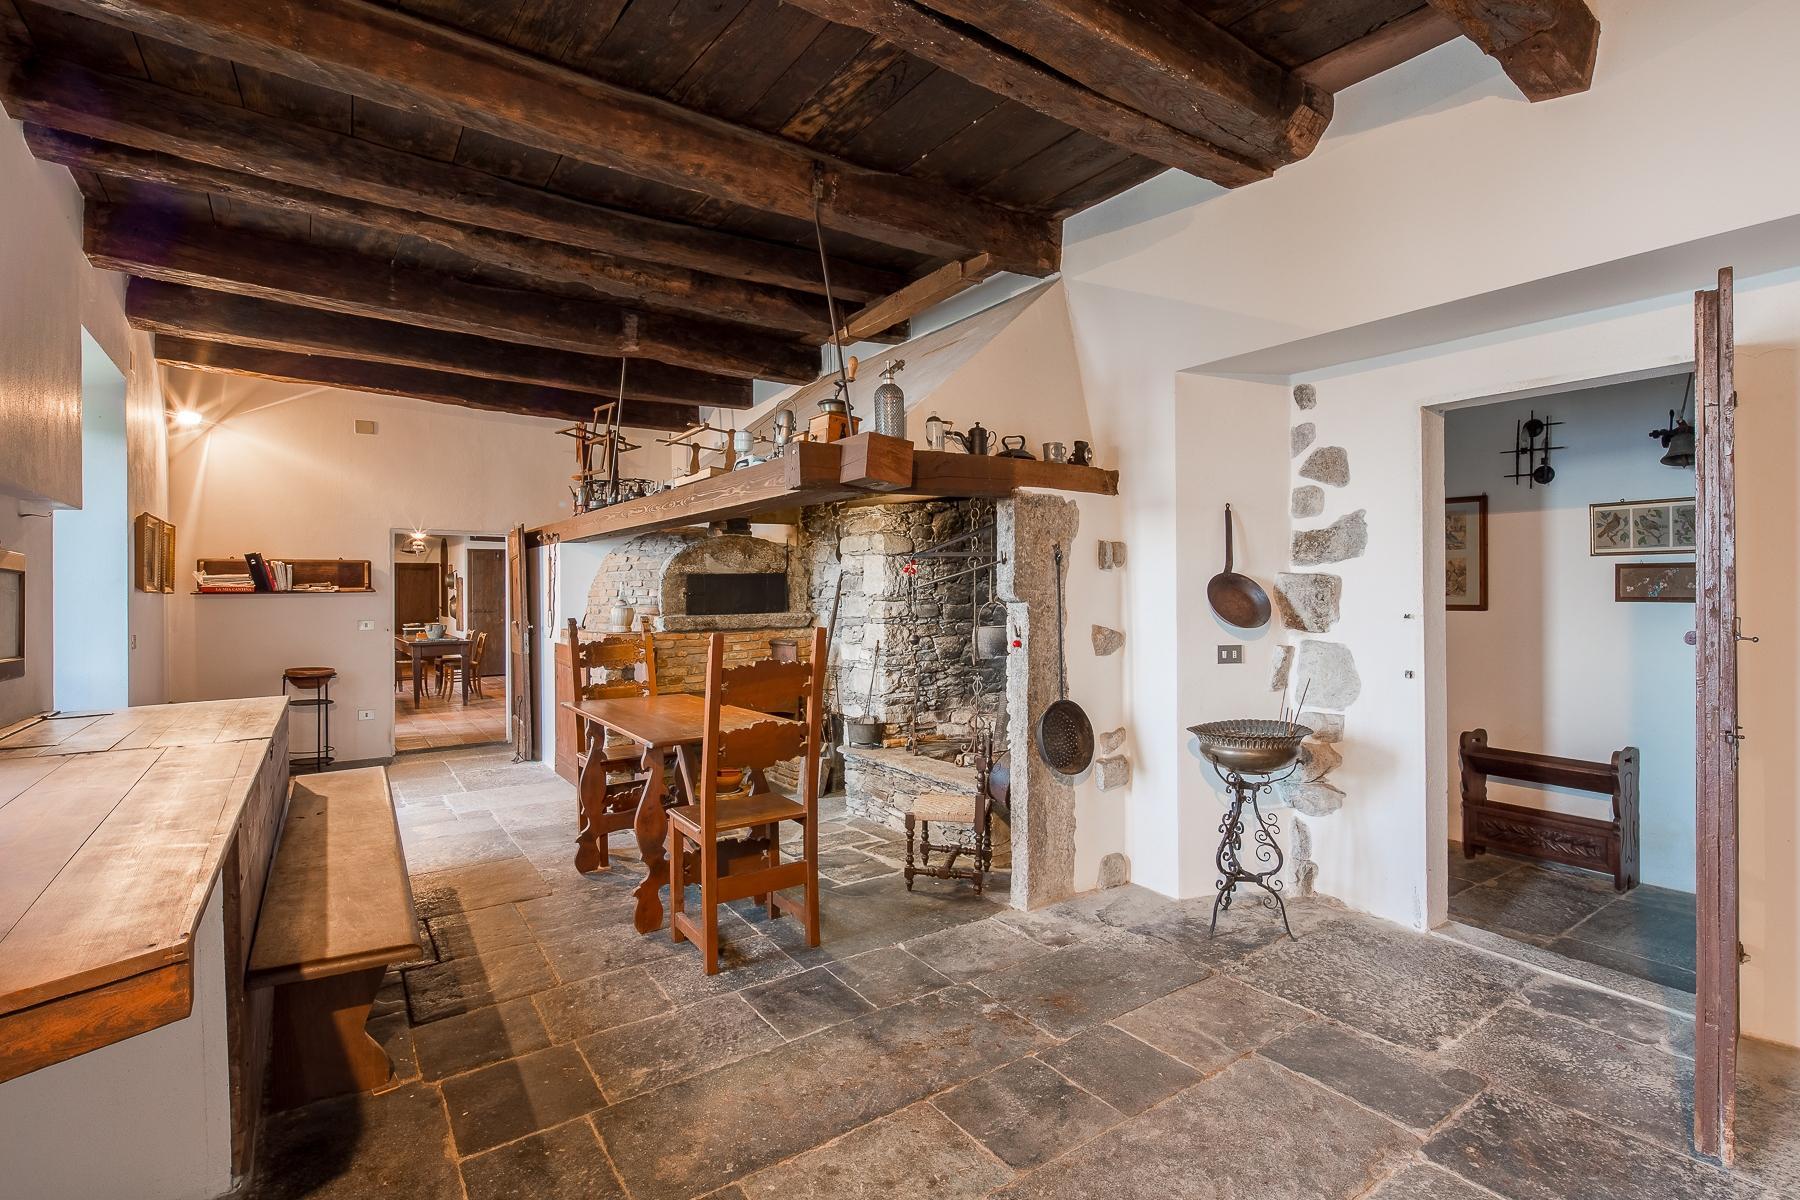 Ancien couvent et Villa du XIXe siècle sur le Sacro Monte - Orta San Giulio - 7